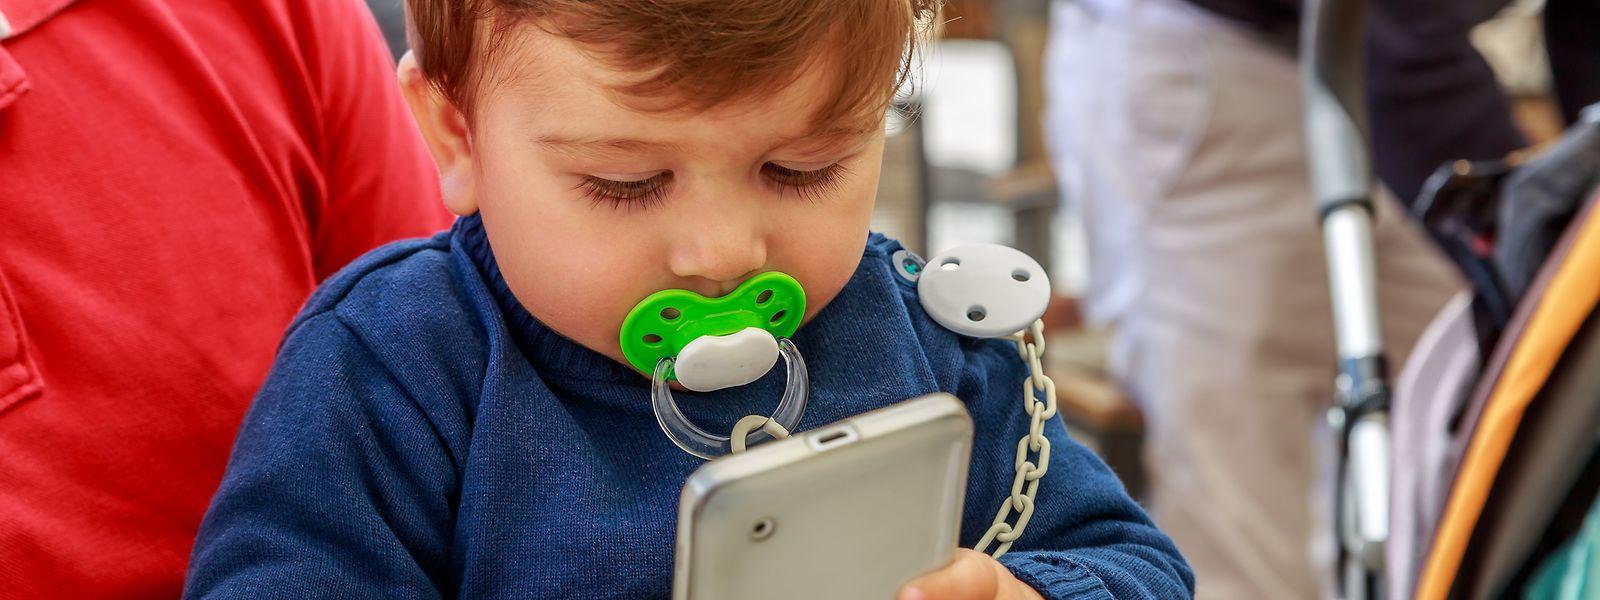 L'utilisation trop précoce des téléphones portables peut avoir des conséquences sur le développement de l'enfant.